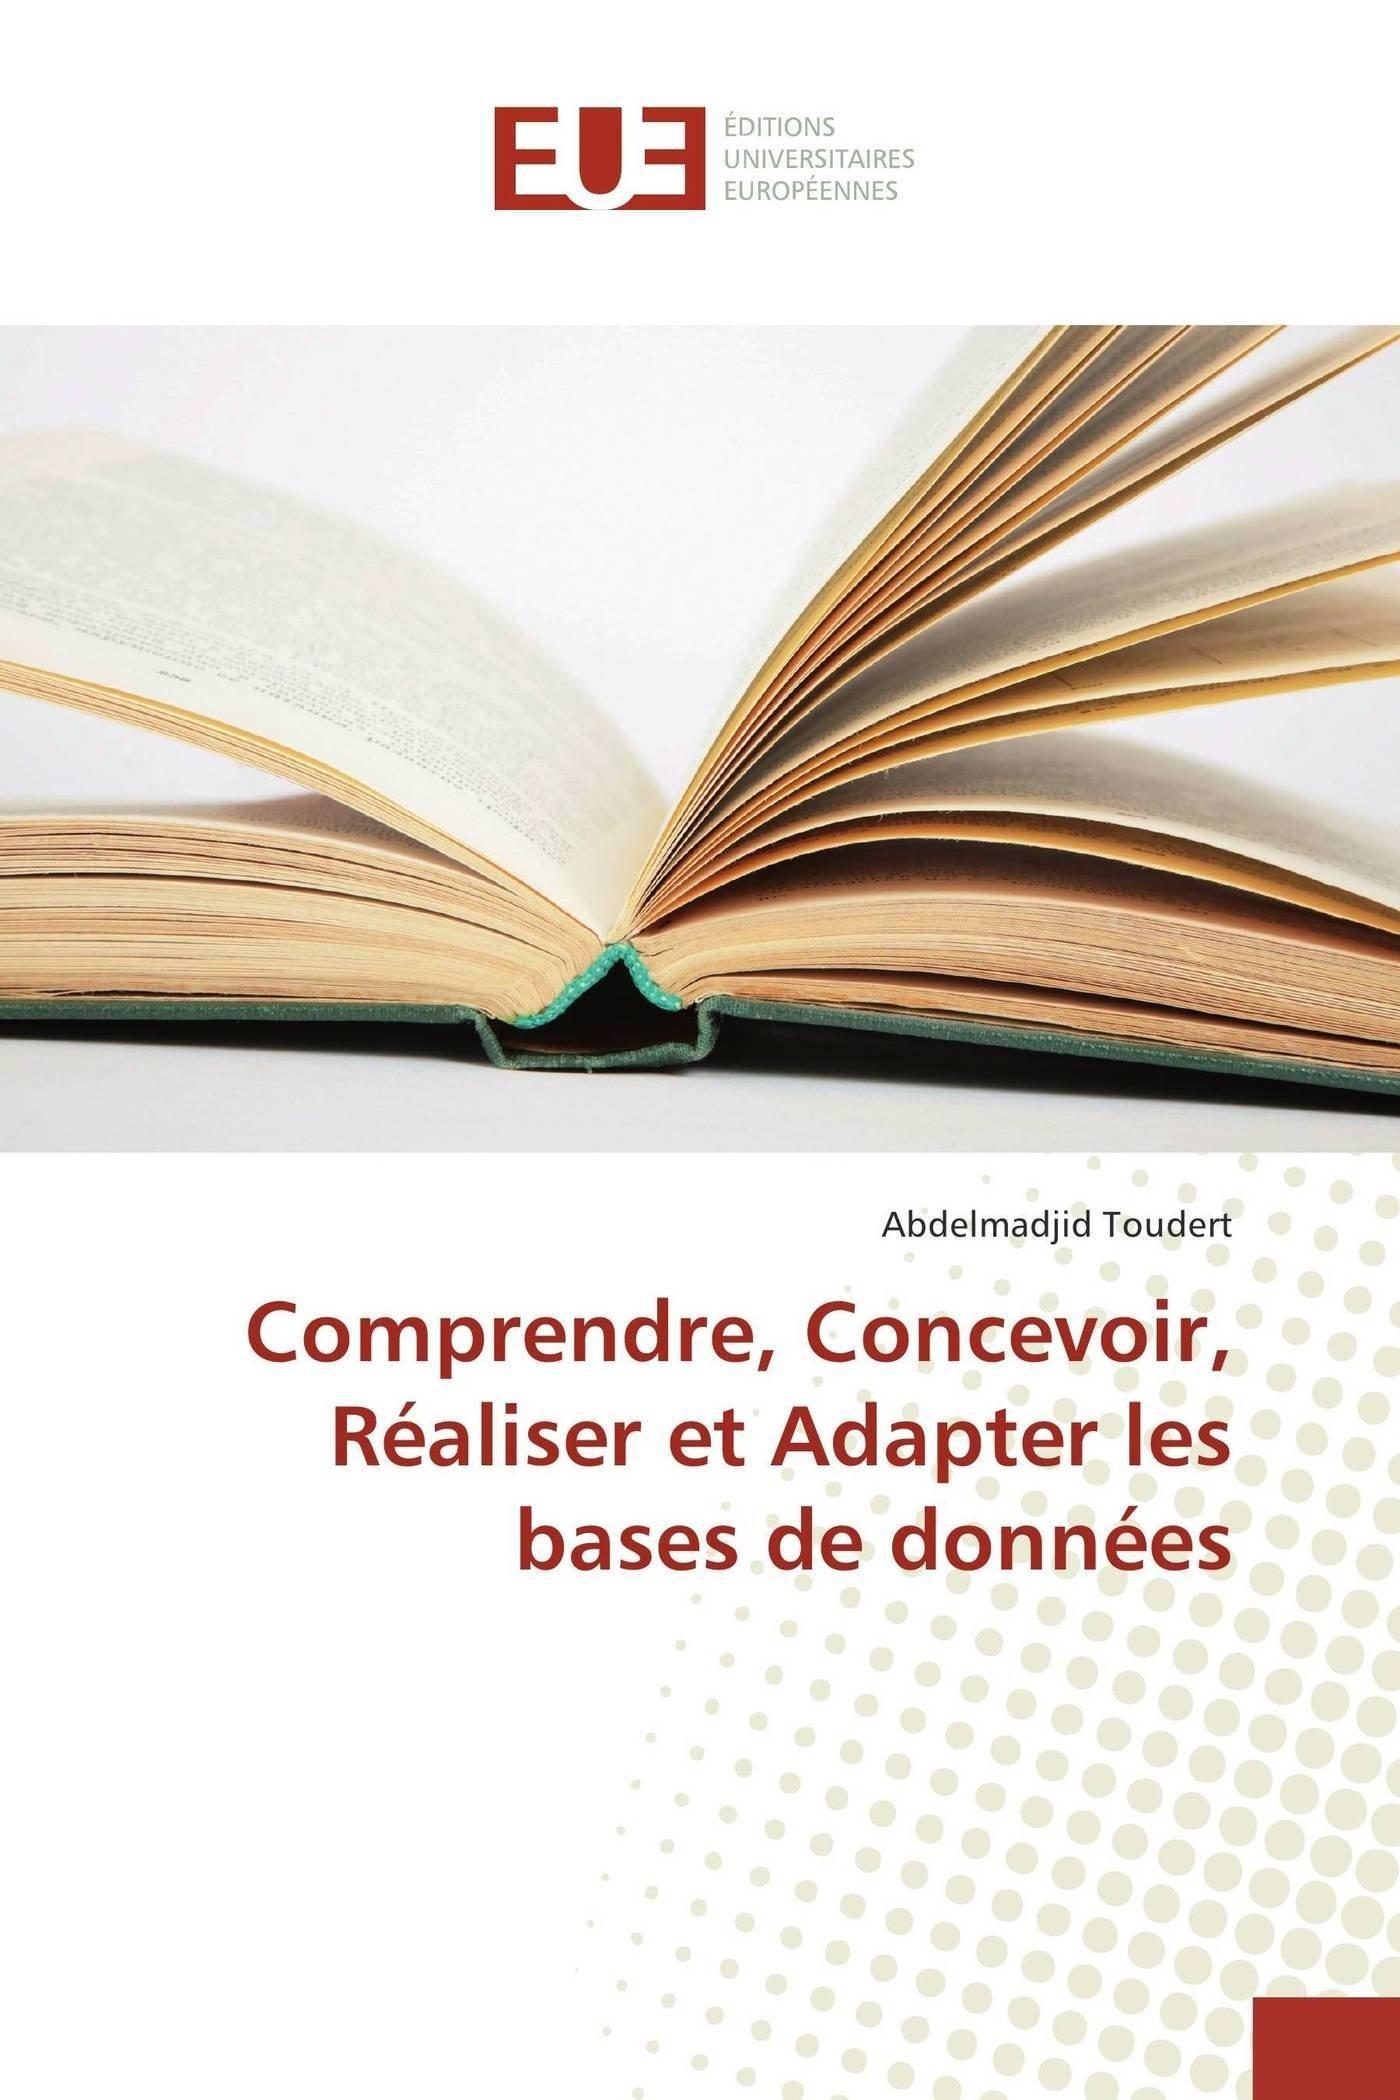 Download Comprendre, Concevoir, Réaliser et Adapter les bases de données (French Edition) ebook